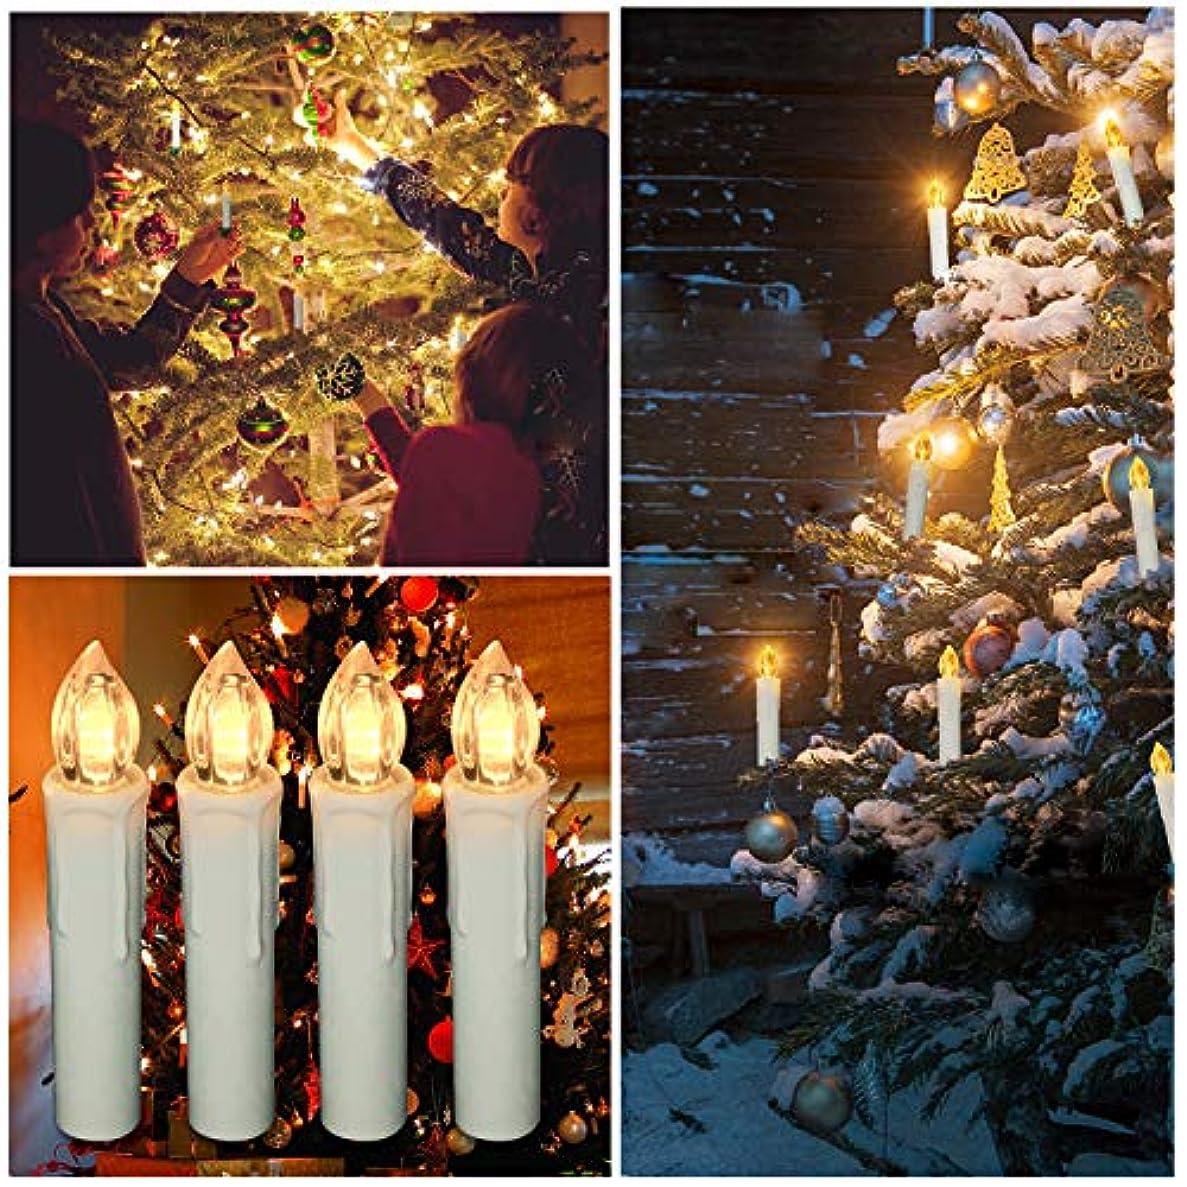 懐疑論概念引き受けるクリスマス LED キャンドルライト ロマンチック 装飾ライト リモコン操作 ホーム飾り/庭/結婚式/誕生日/パーティー 安心安全 無煙 電池式 マルチカラー 10個セット